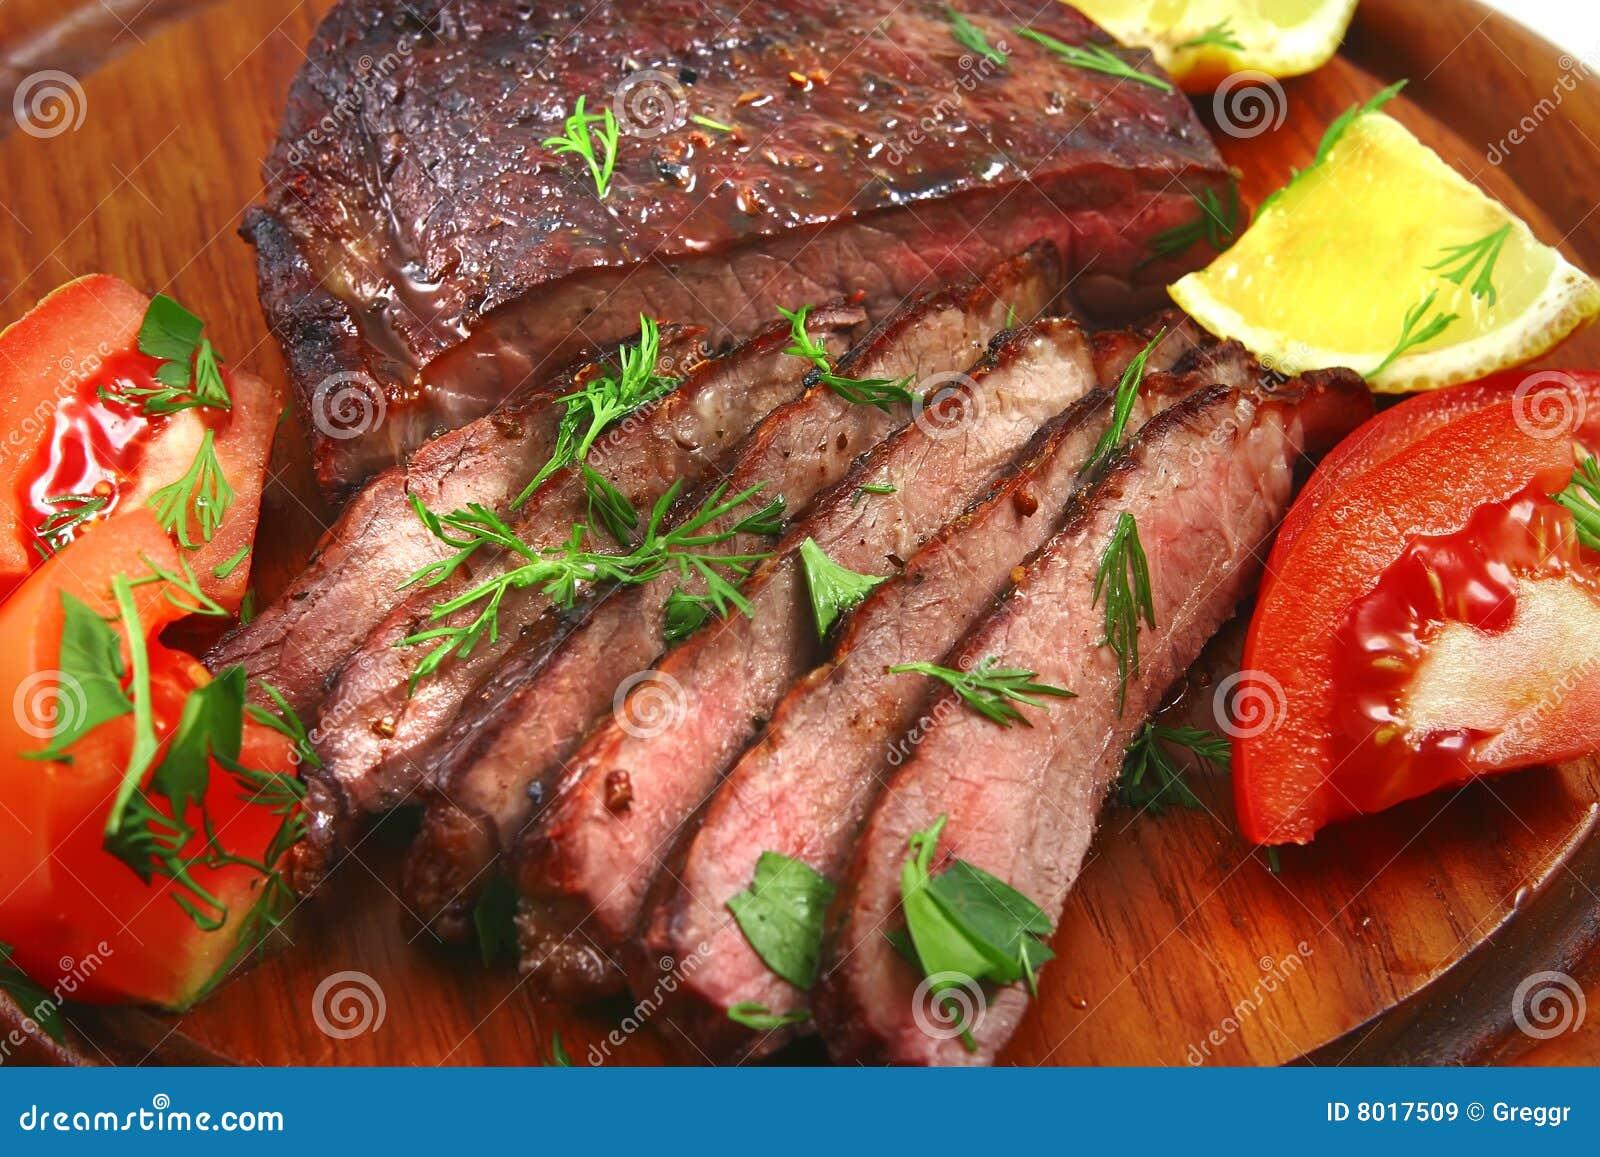 Маринованное мясо для шашлыка в духовке в фольге рецепт